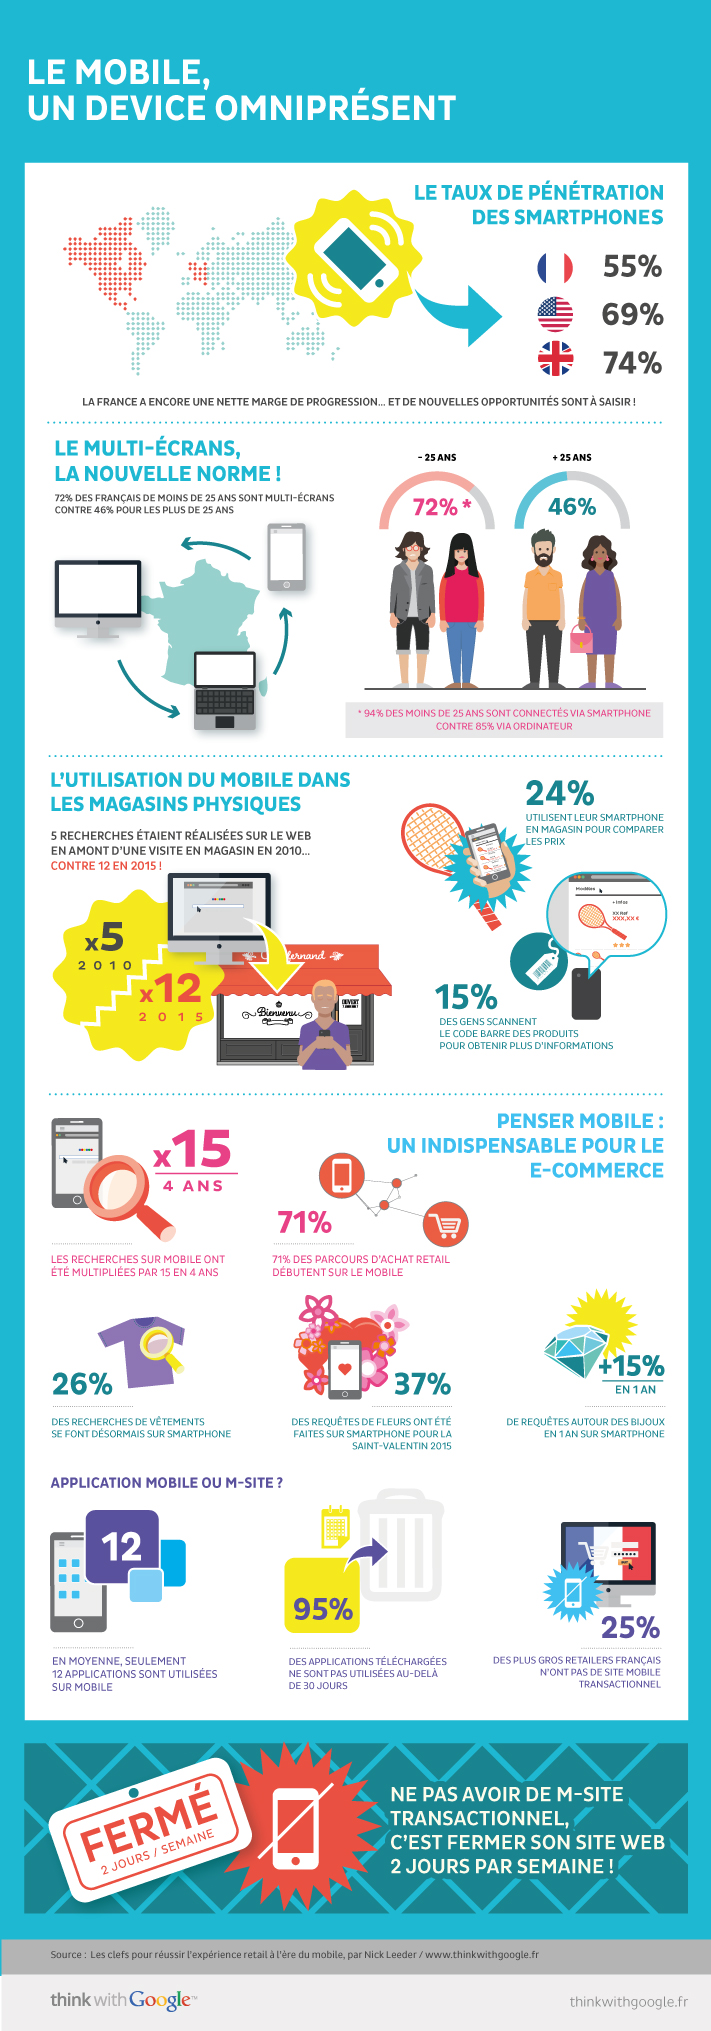 Infographie issue du site Thinkwithgoogle.com sur l'omniprésence du mobile